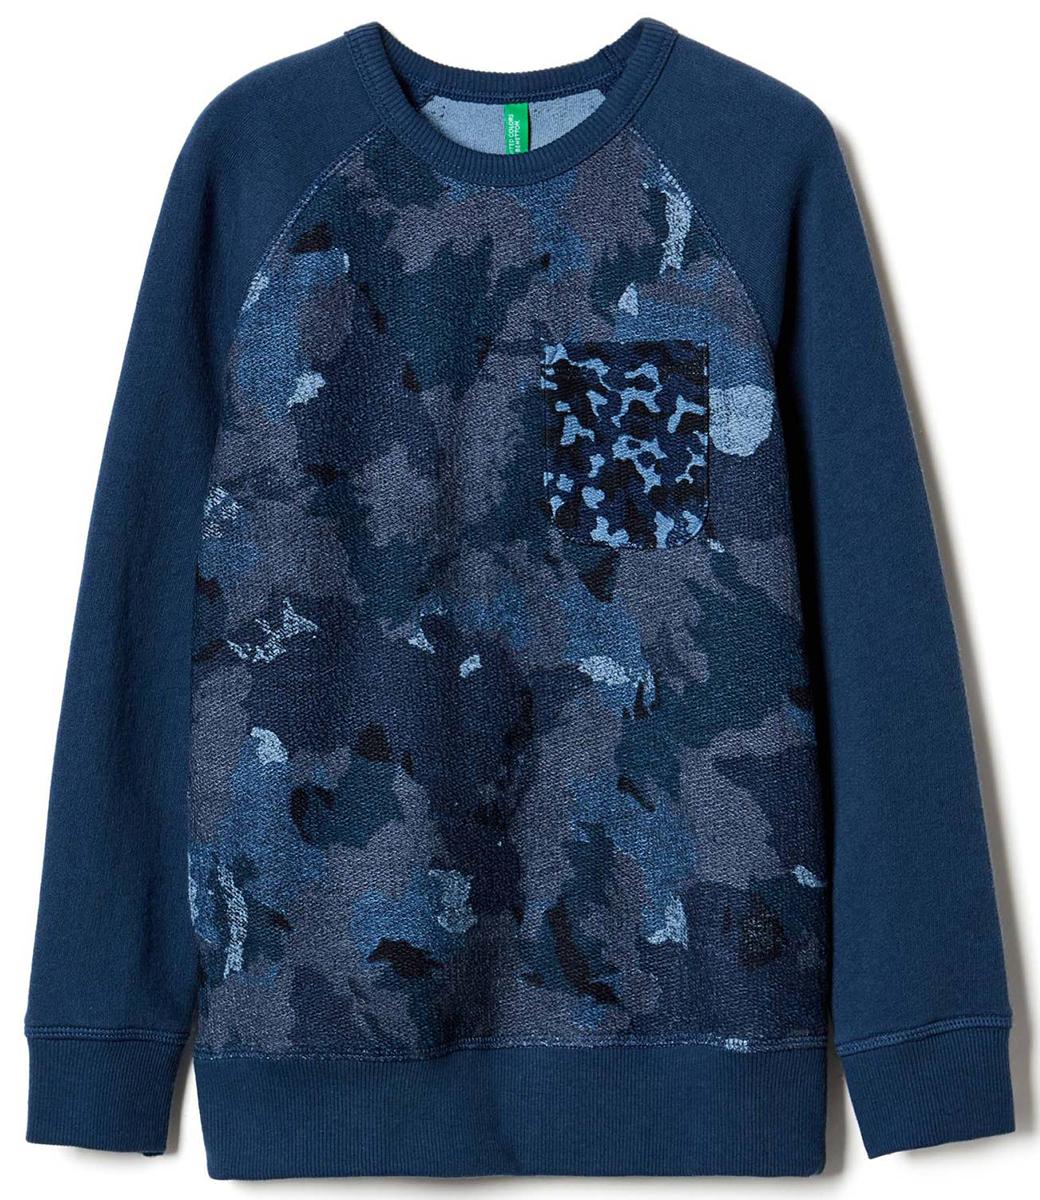 Свитер для мальчиков United Colors of Benetton, цвет: синий. 3DW6C139E_63D. Размер 1203DW6C139E_63D